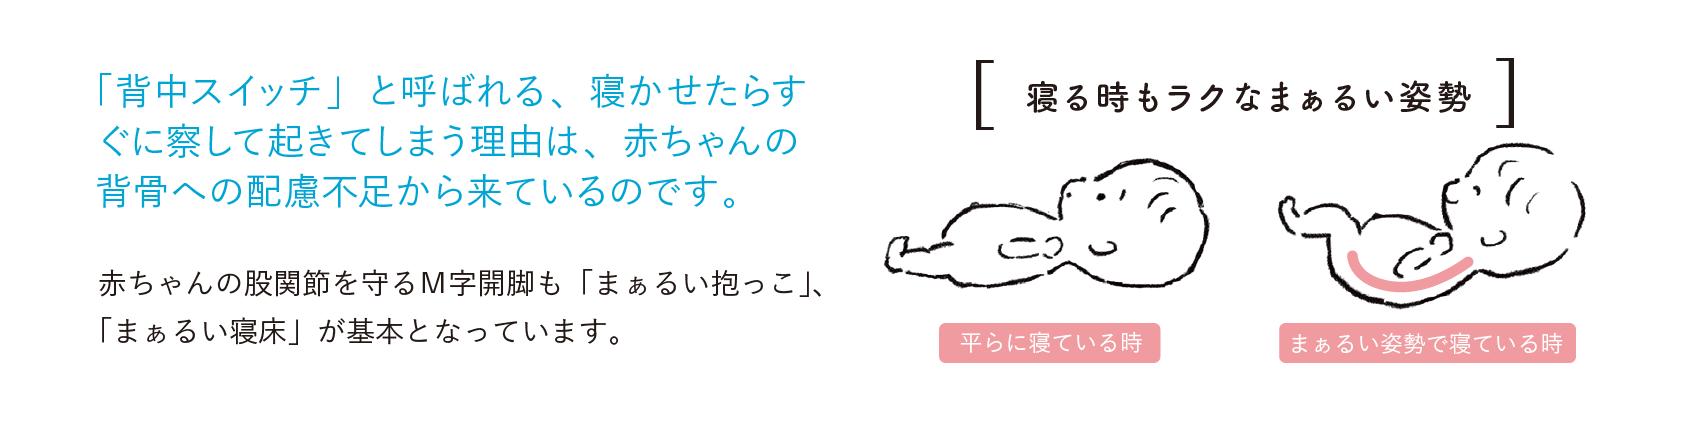 「背中スイッチ」と呼ばれる、寝かせたらすぐに察して起きてしまう理由は、赤ちゃんの背骨への配慮不足から来ているのです。 赤ちゃんの股関節を守るM字開脚も「まぁるい抱っこ」、「まぁるい寝床」が基本となっています。[寝る時もラクなまぁるい姿勢]平らに寝ている時 まぁるい姿勢で寝ている時